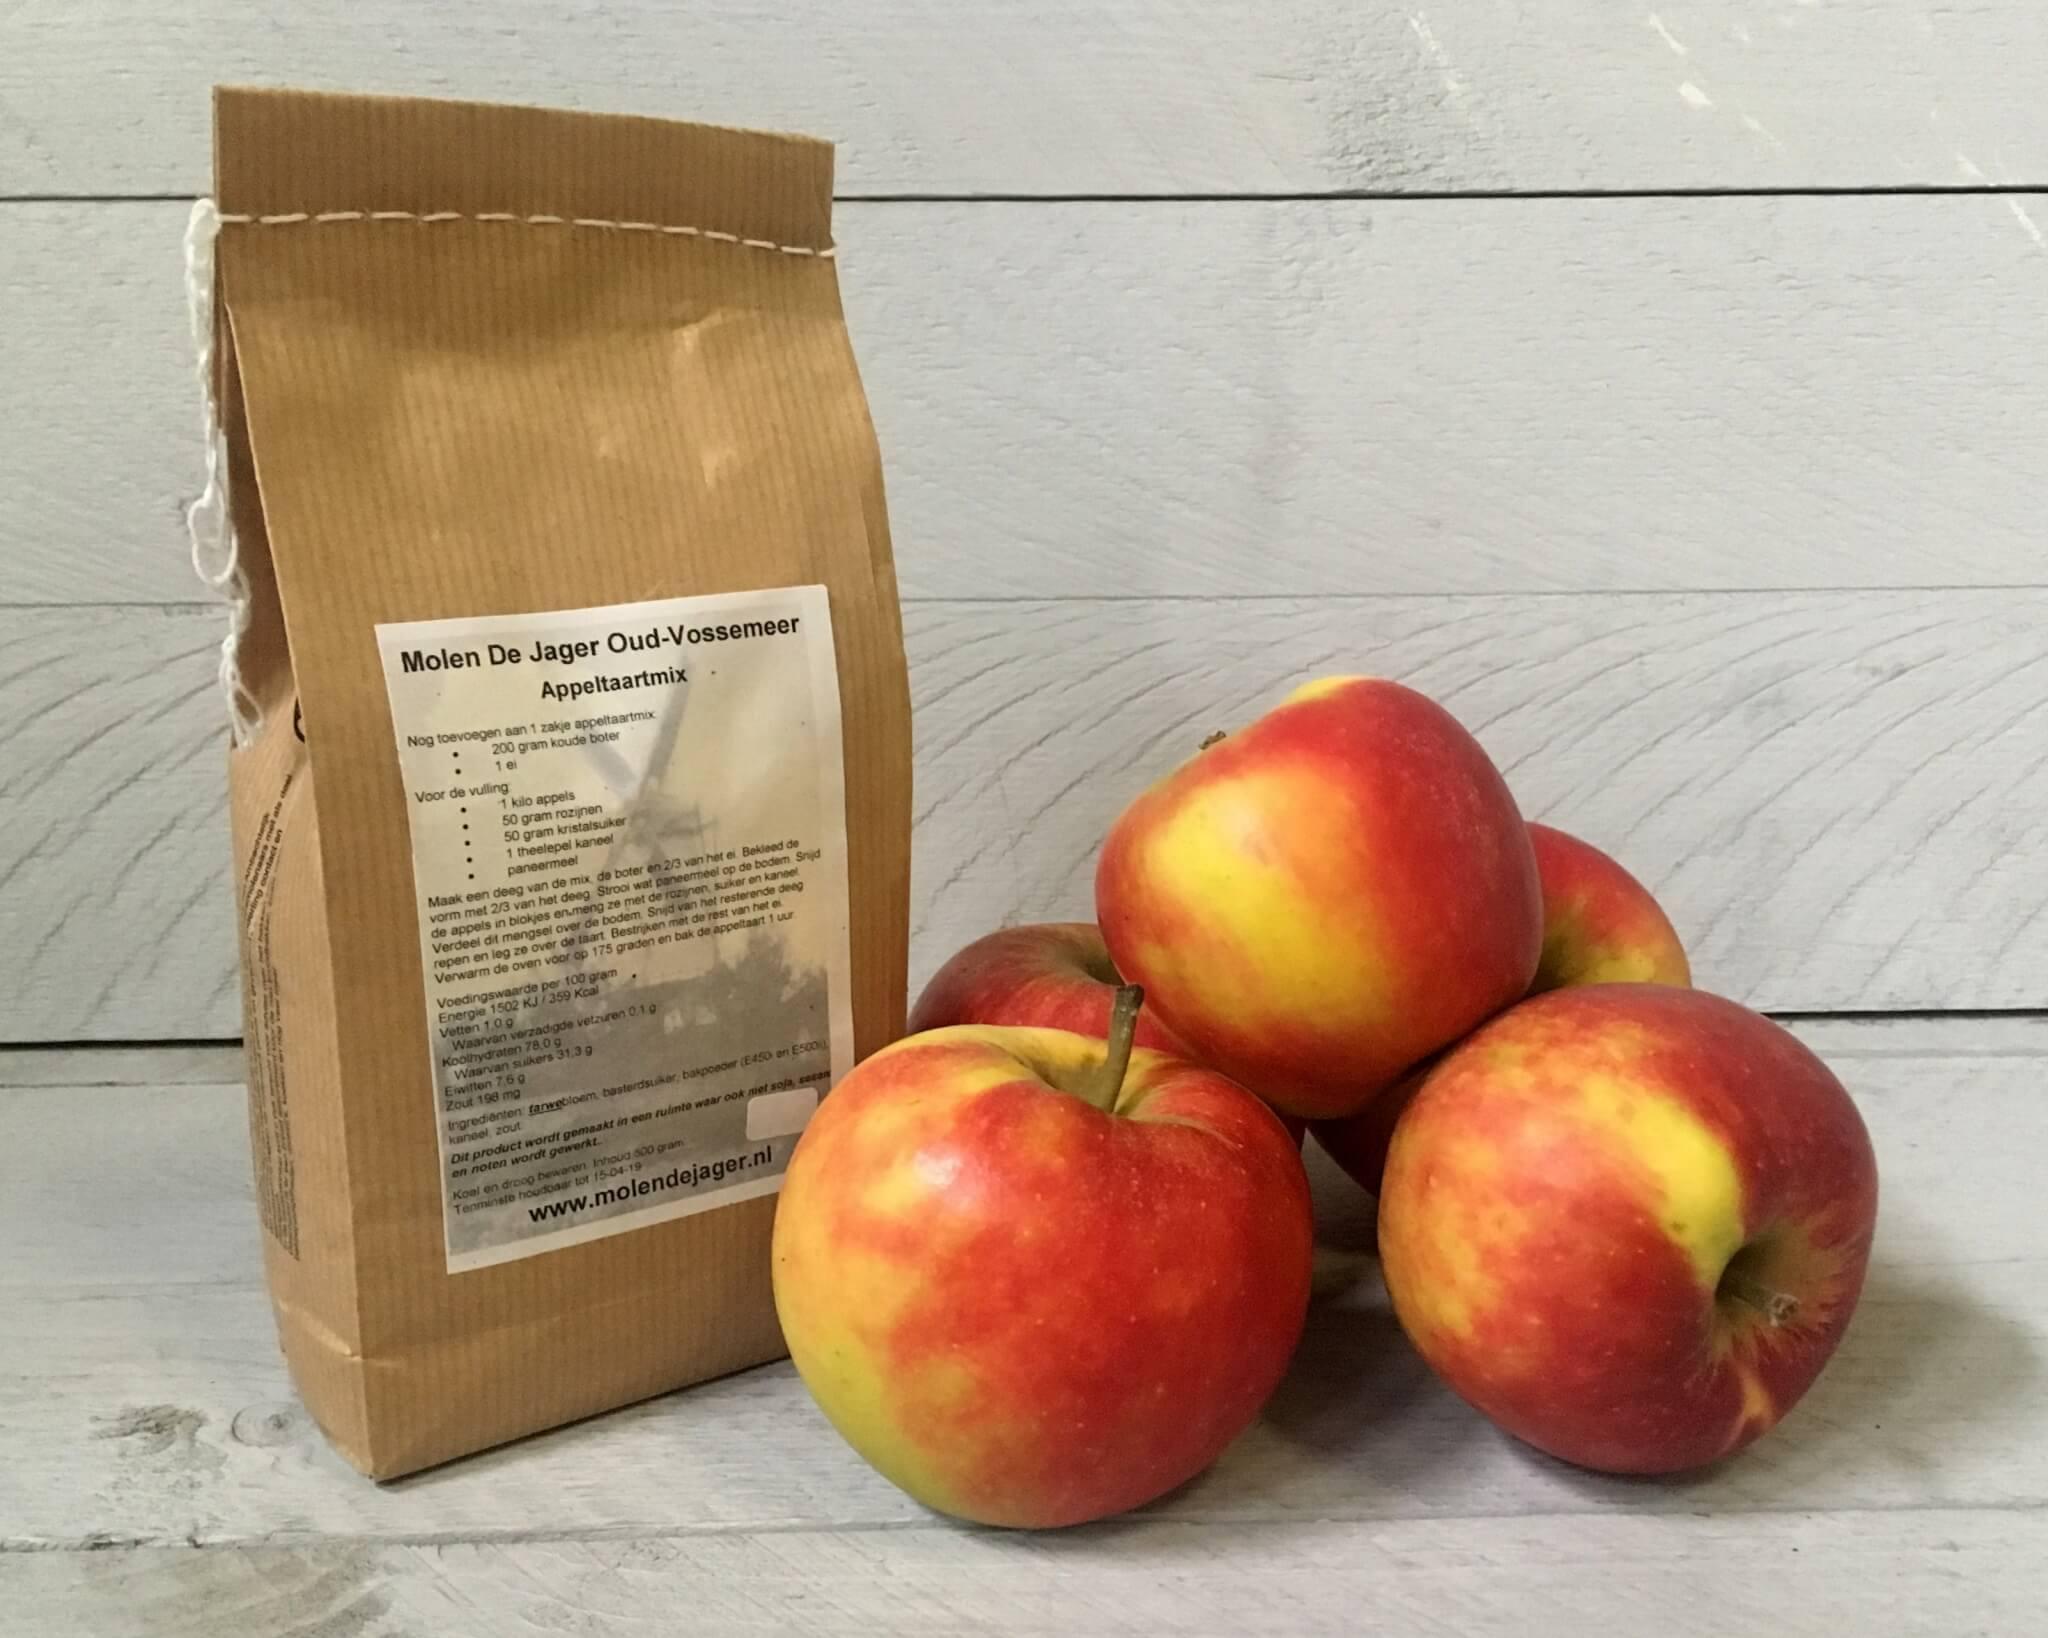 Fruitbedrijf Van den Berge: appeltaart-Elstar